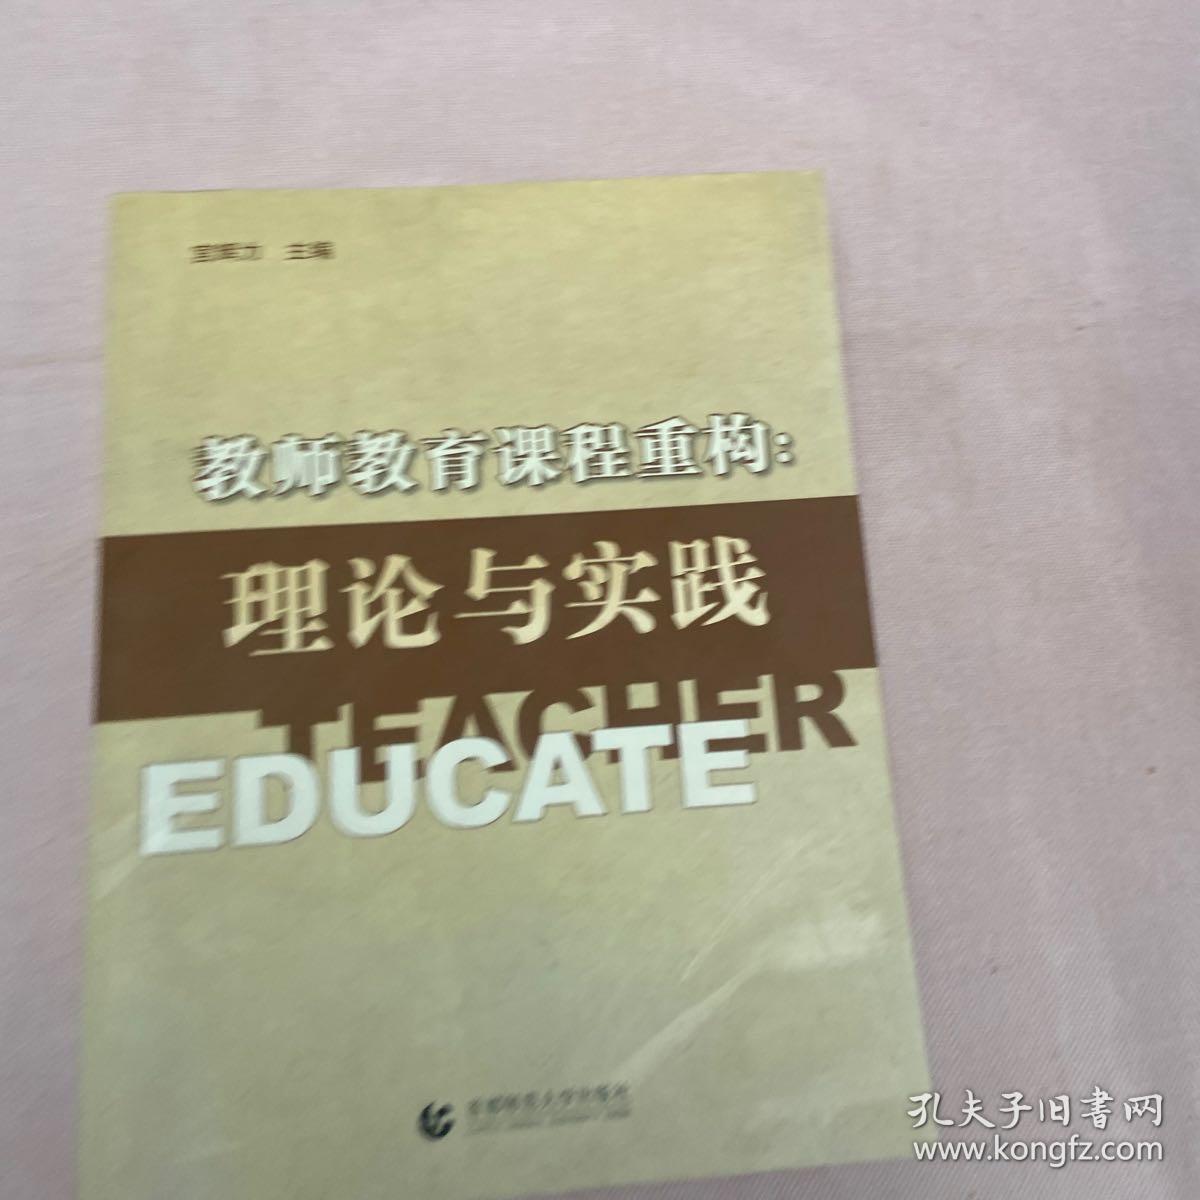 教师教育课程重构:理论与实践